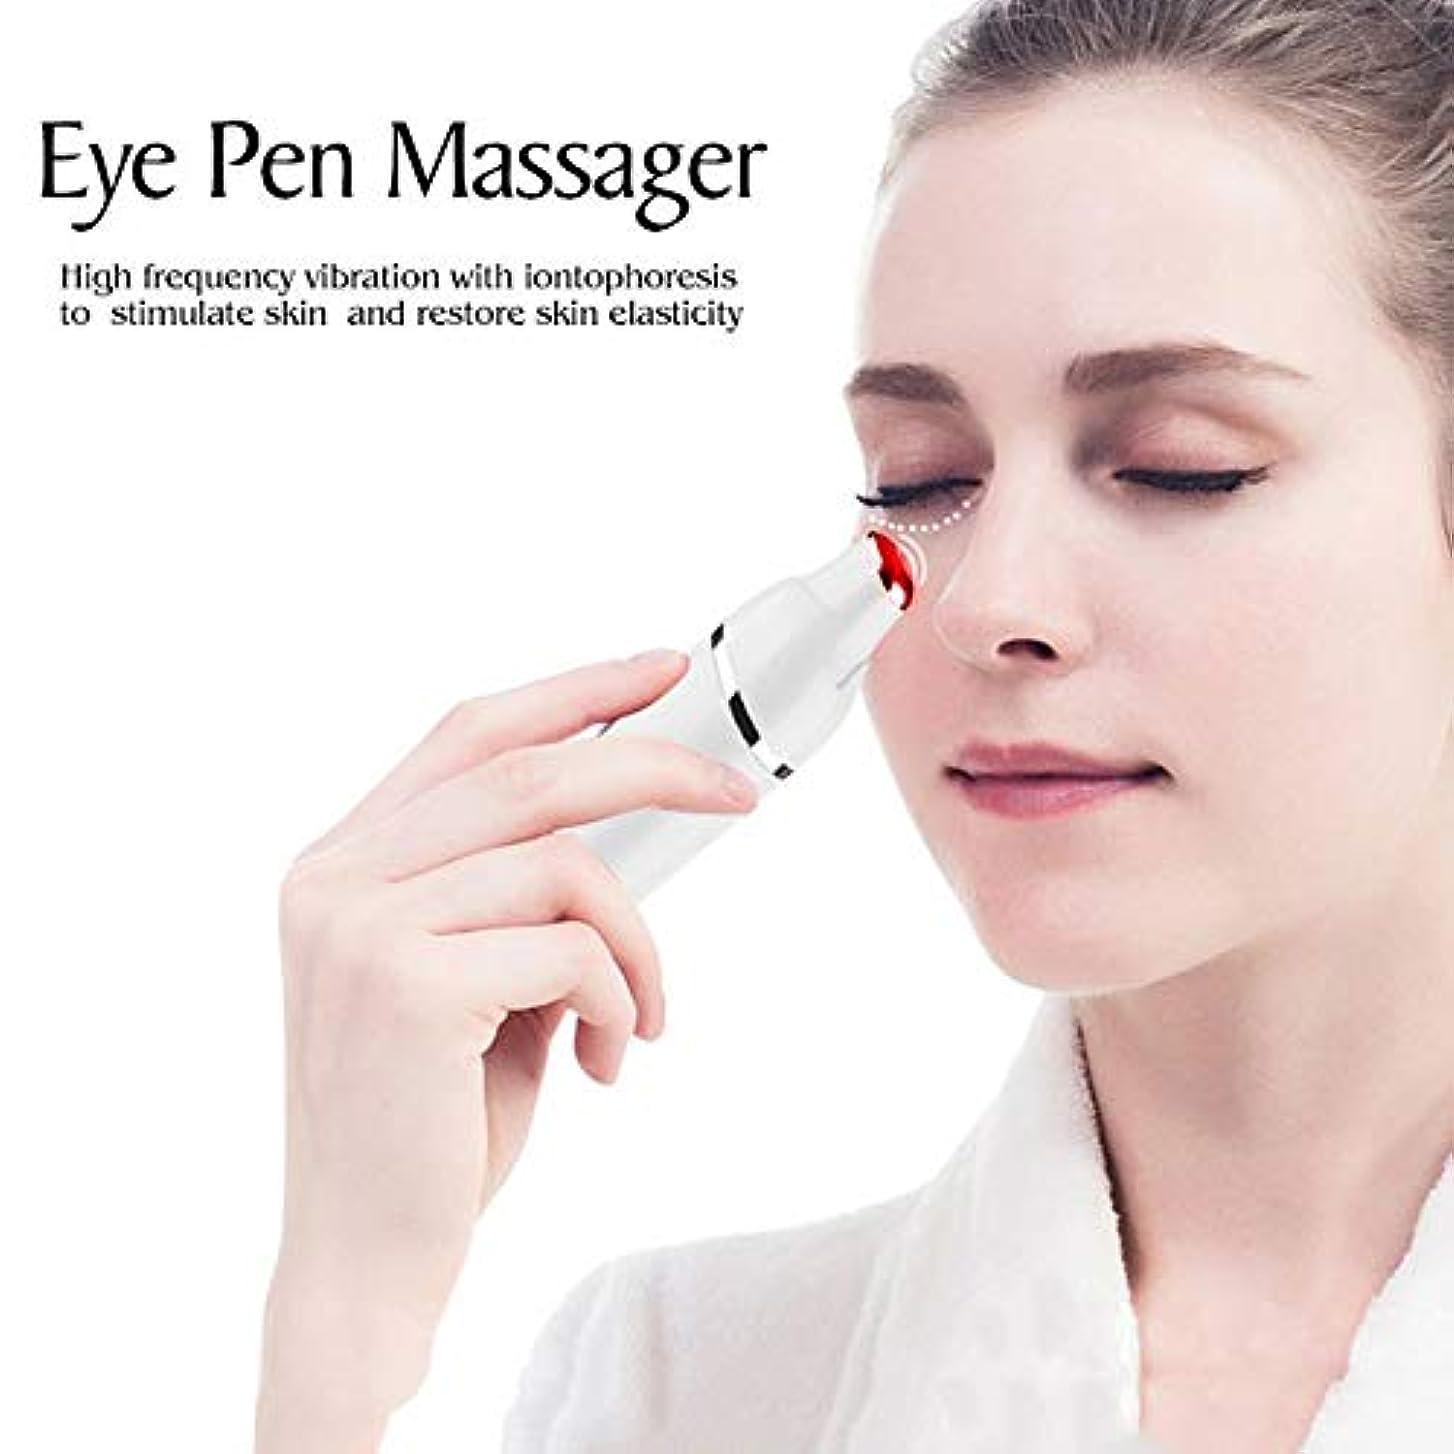 ソニックアイマッサージャー、目の疲れのための42℃加熱治療用ワンド、アイクリームを効果的に促進するためのアニオンの輸入